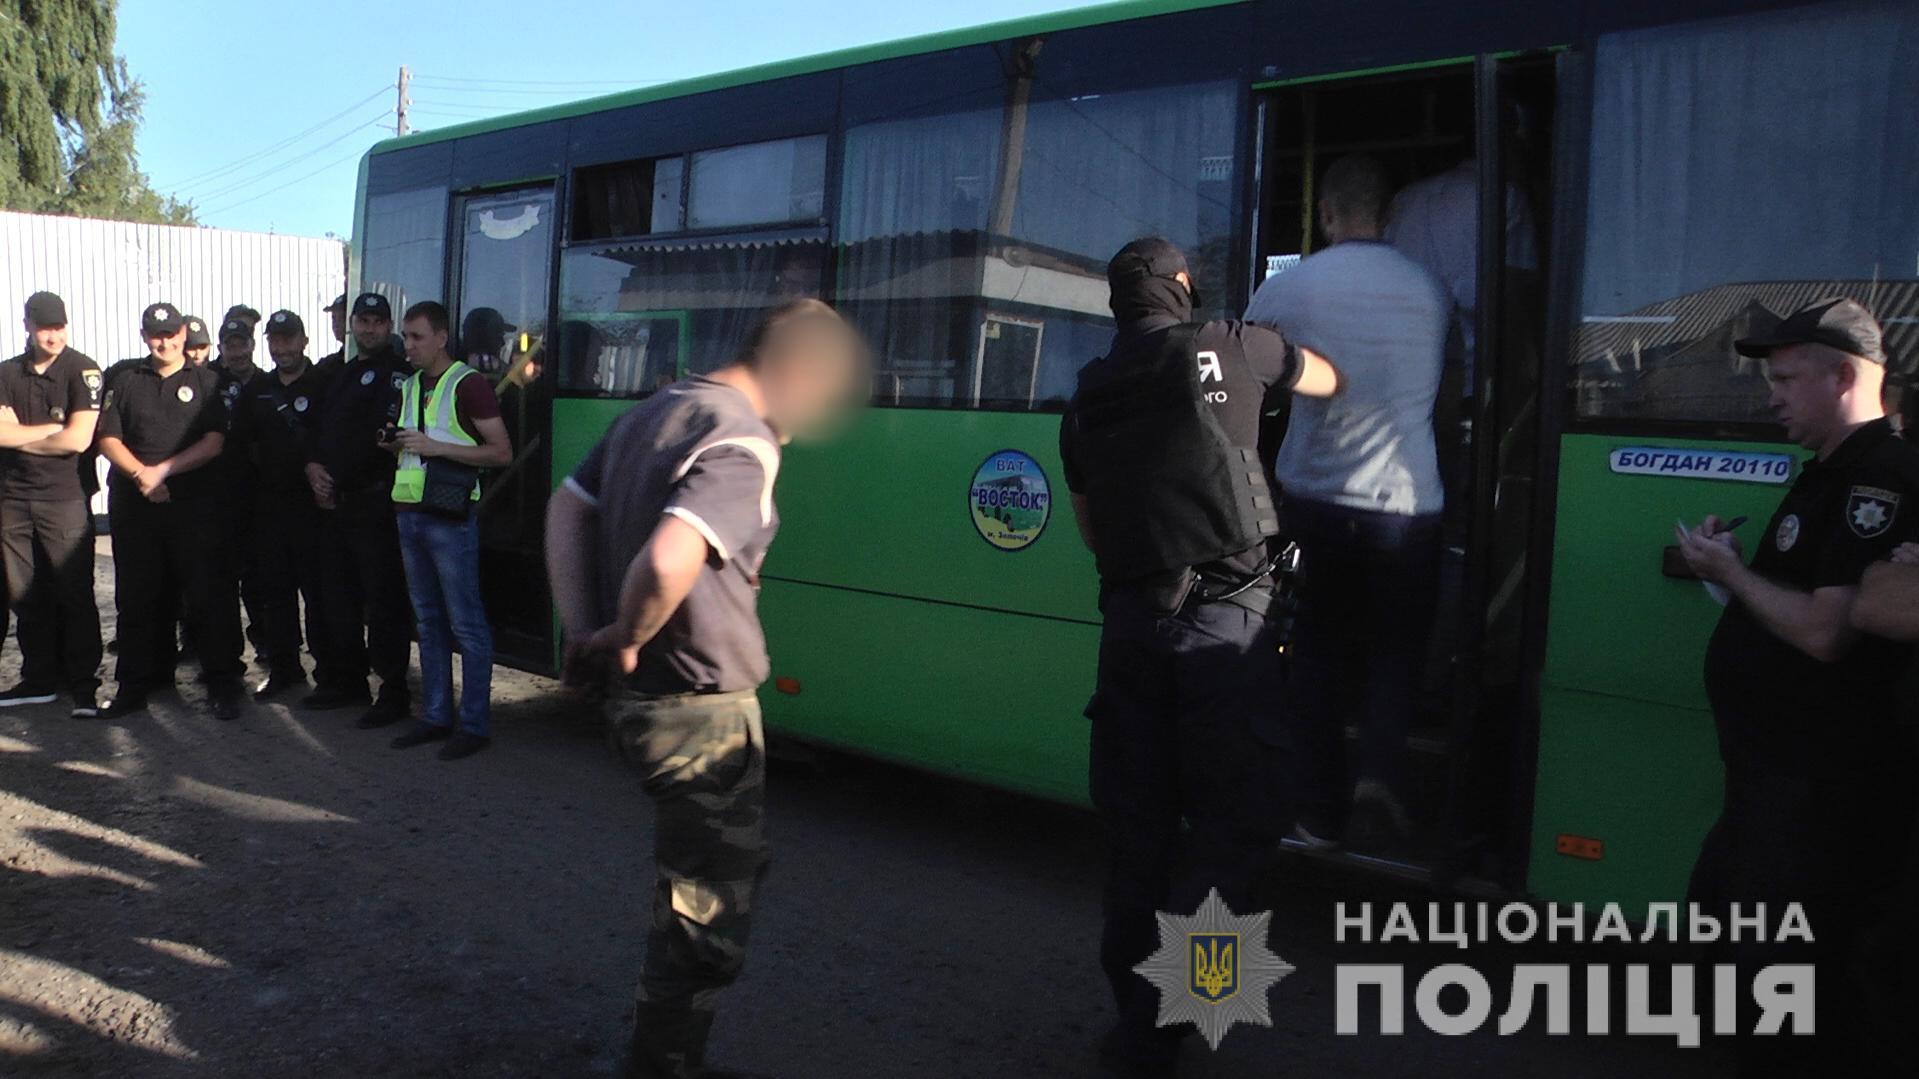 У справі про напад на журналістів «112 Україна» оголошено три підозри, затримані двоє осіб - поліція